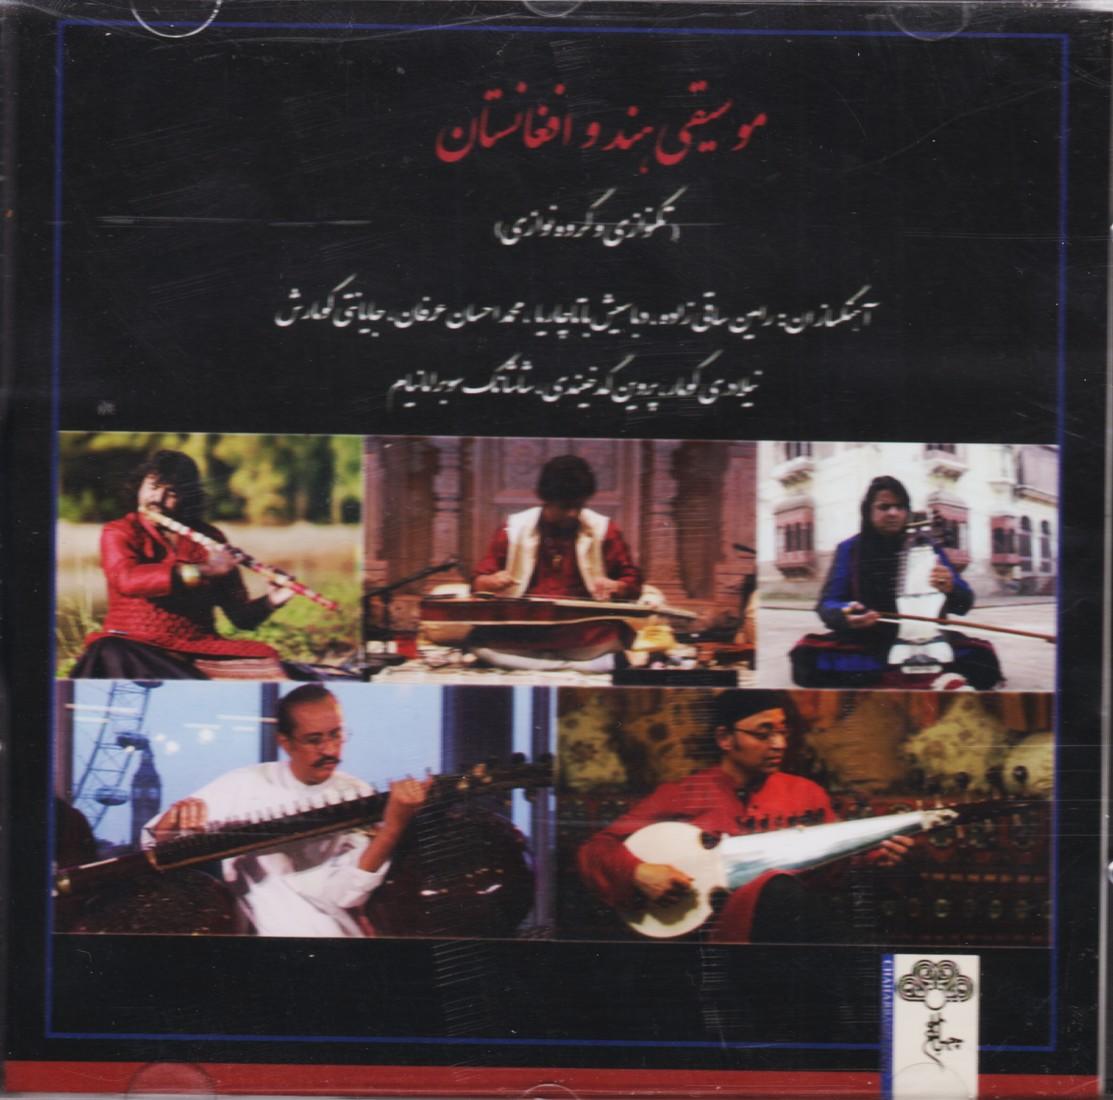 موسیقی هند و افغانستان